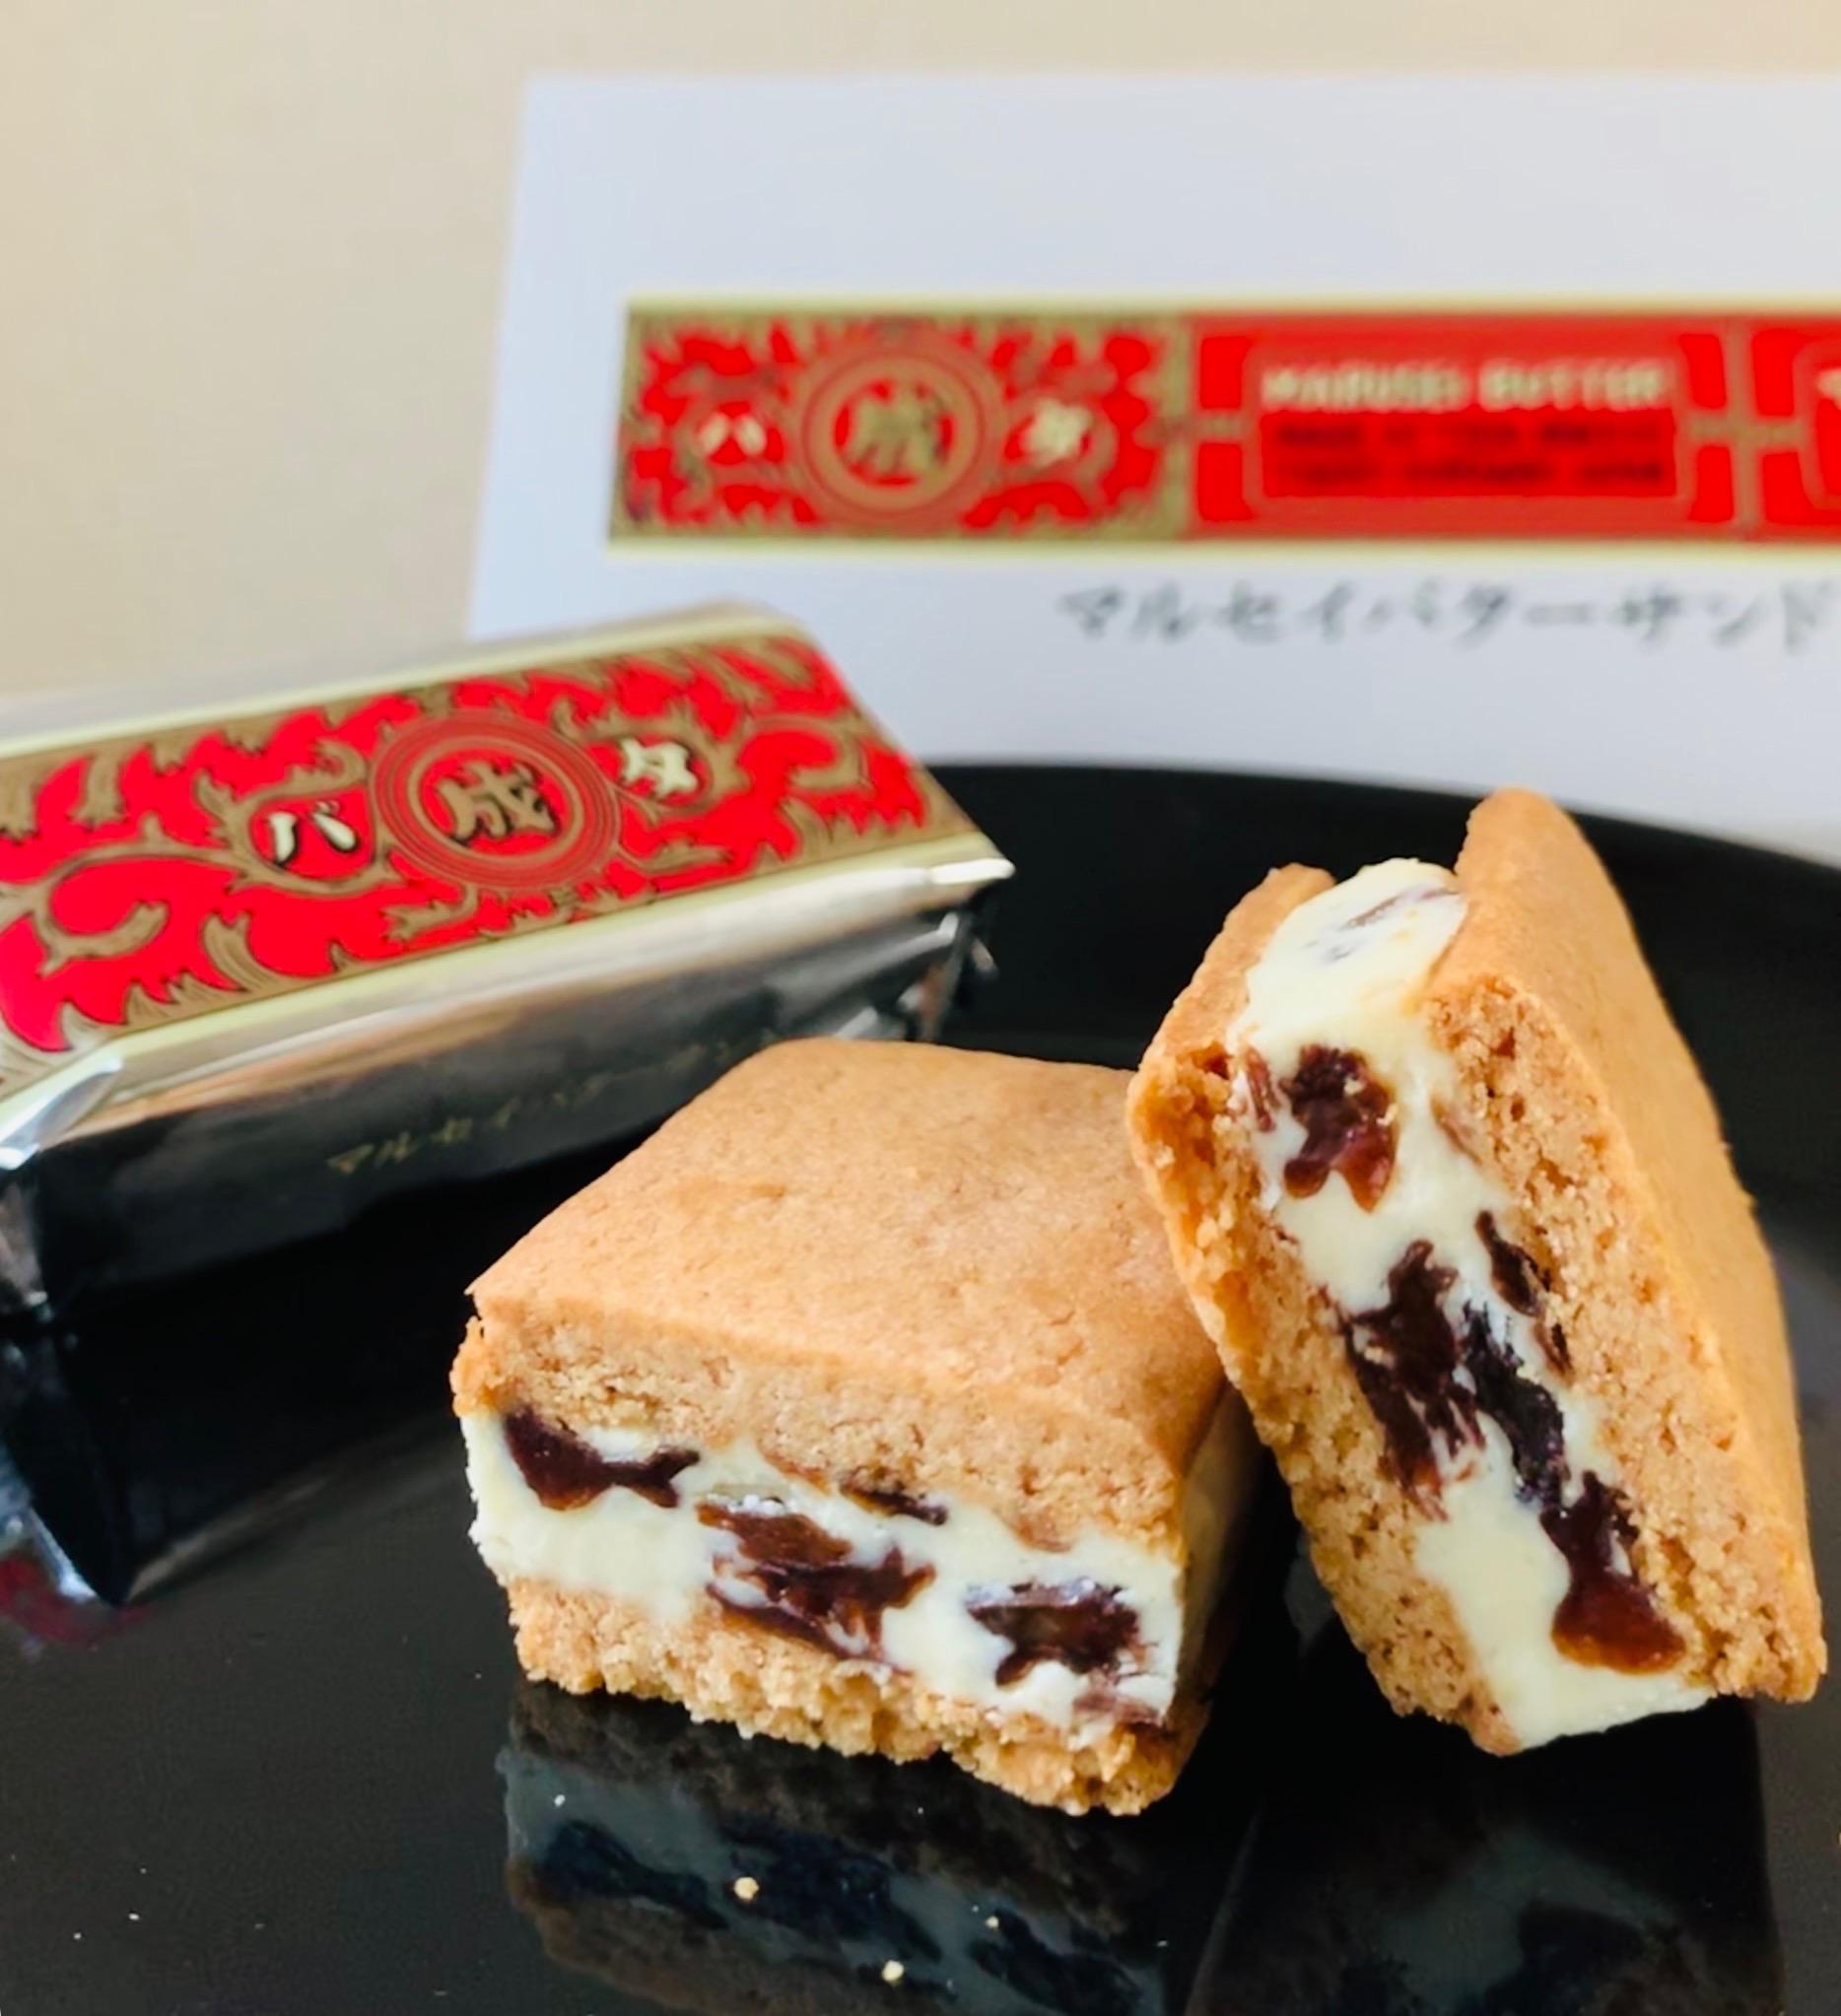 北海道土産といえば六花亭のマルセイシリーズ!他にもおすすめ商品♡